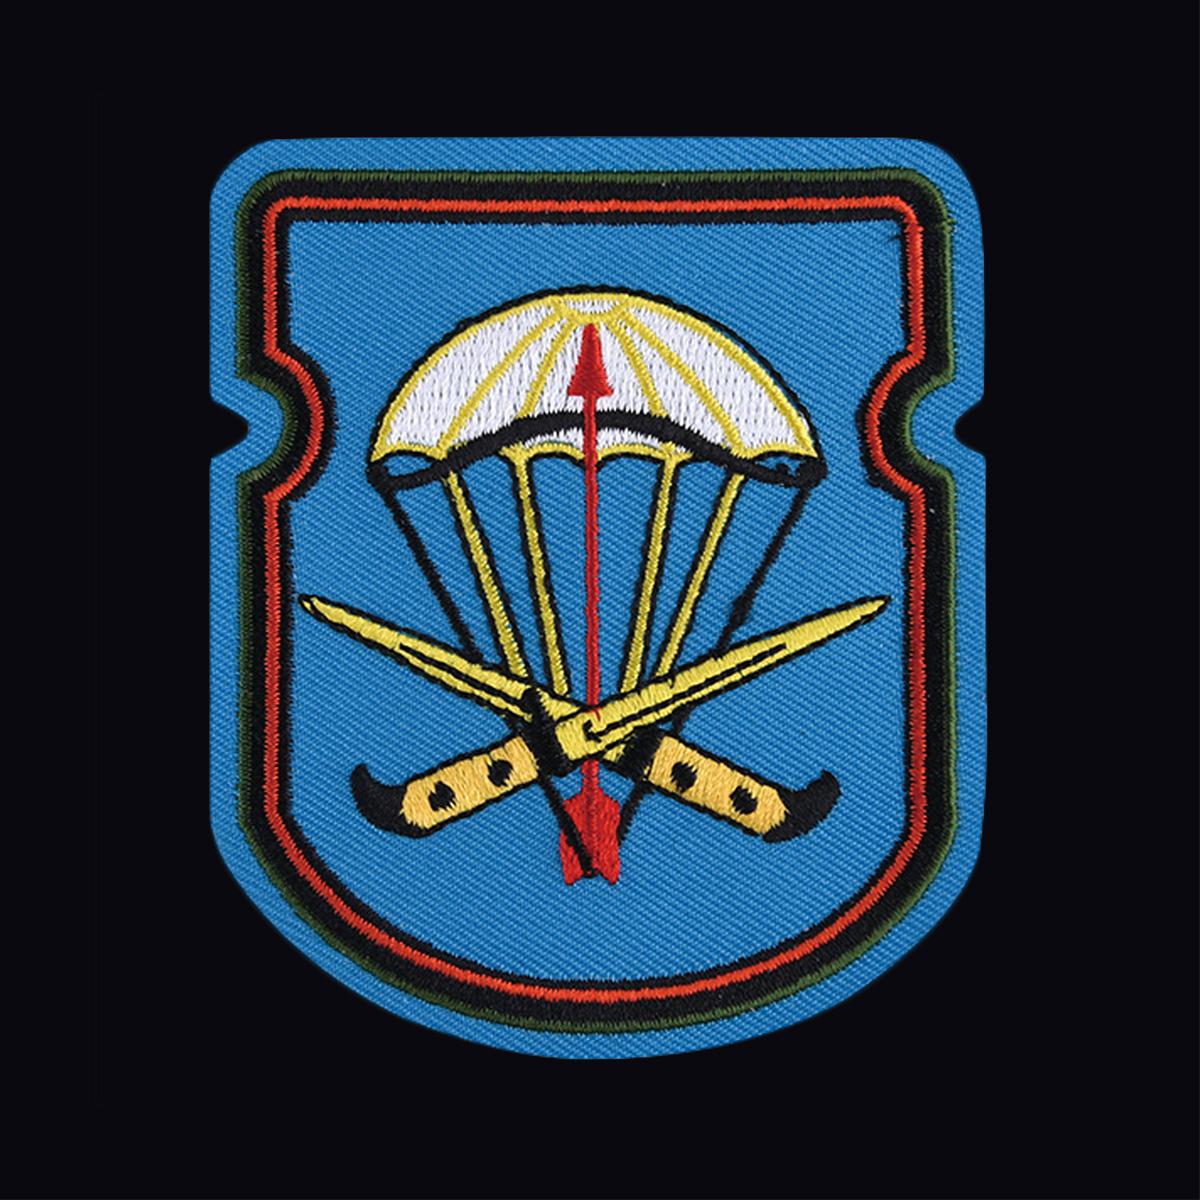 Лаконичная футболка с вышитым знаком 54-й ОДШБ 31 гв. ОДШБр - купить в подарок